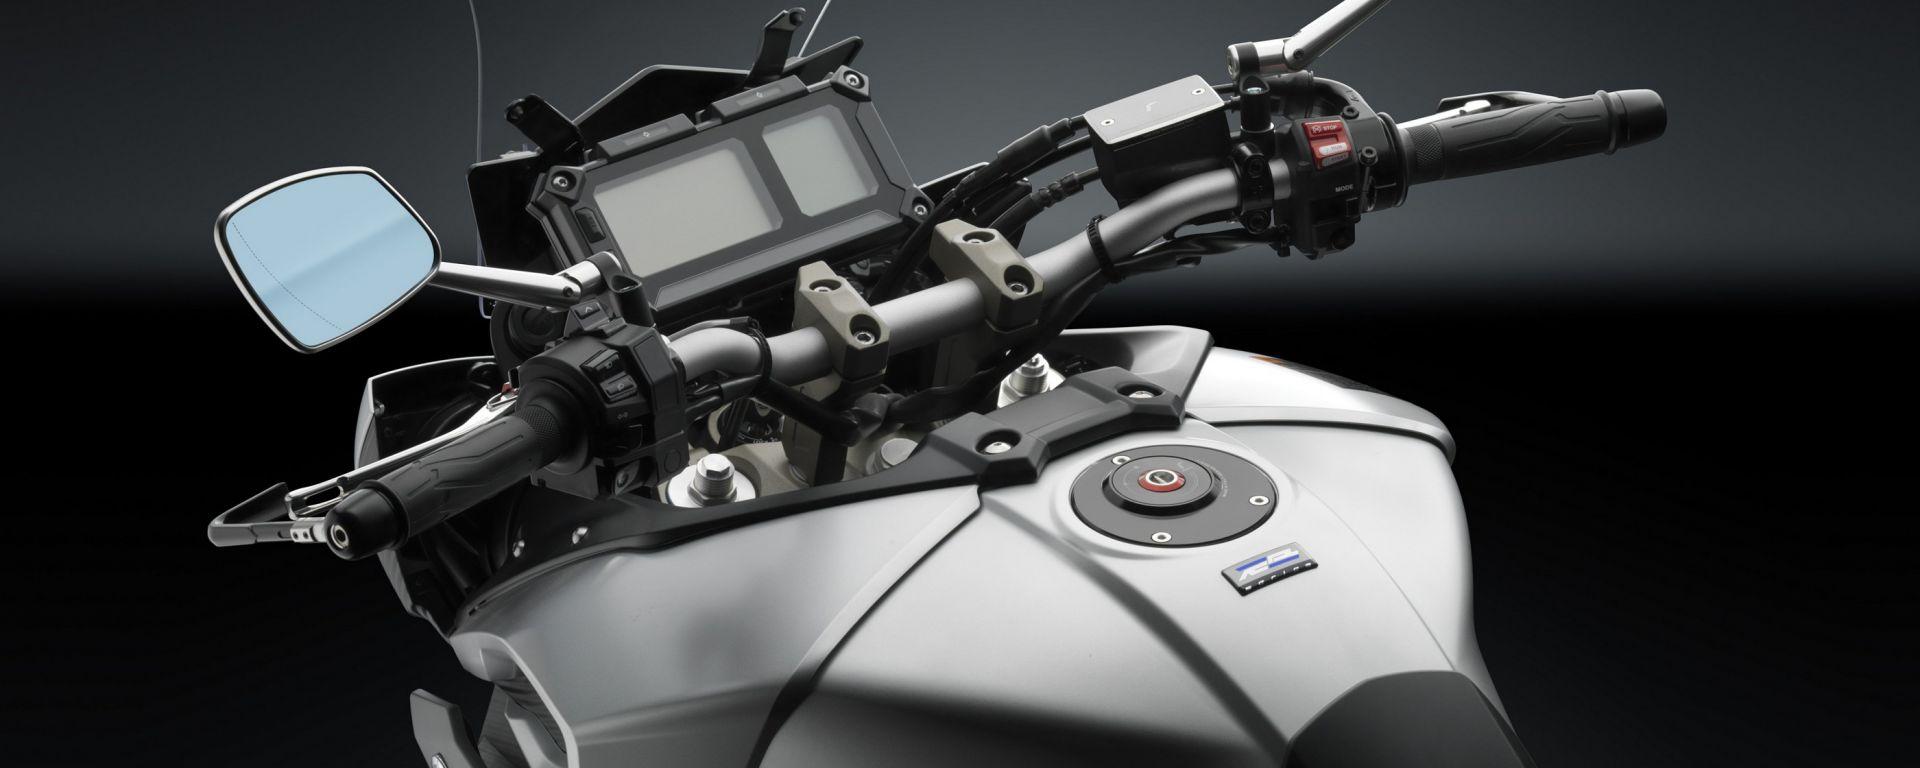 Rizoma: accessori per la MT-09 Tracer